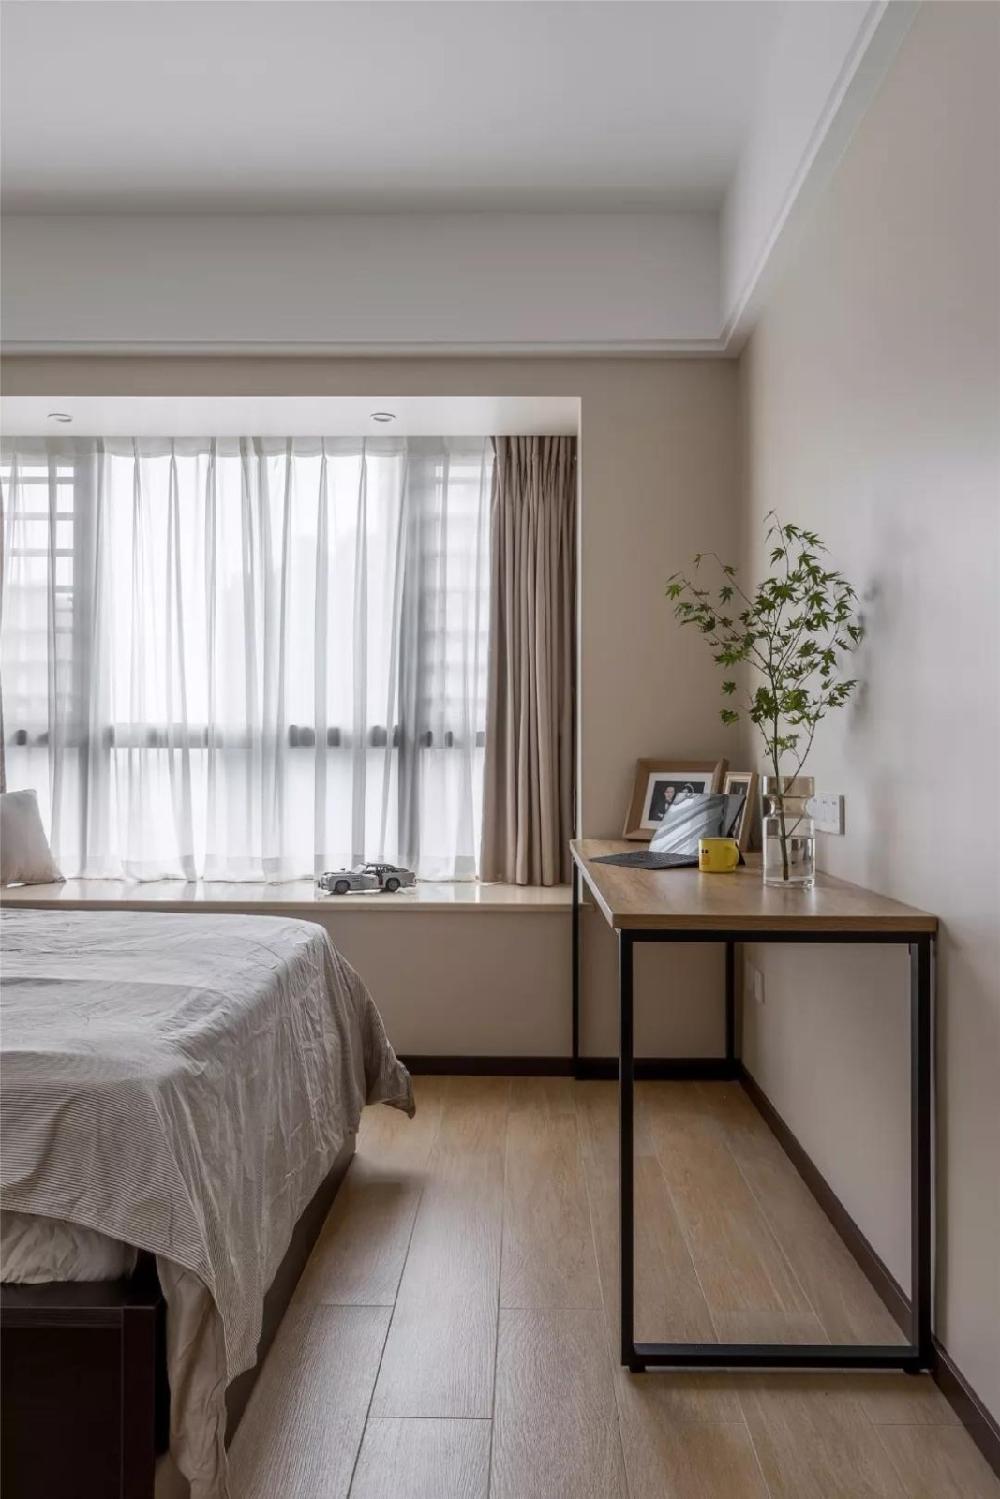 96㎡现代简约,玄关旁做个走廊+卫生间13454681